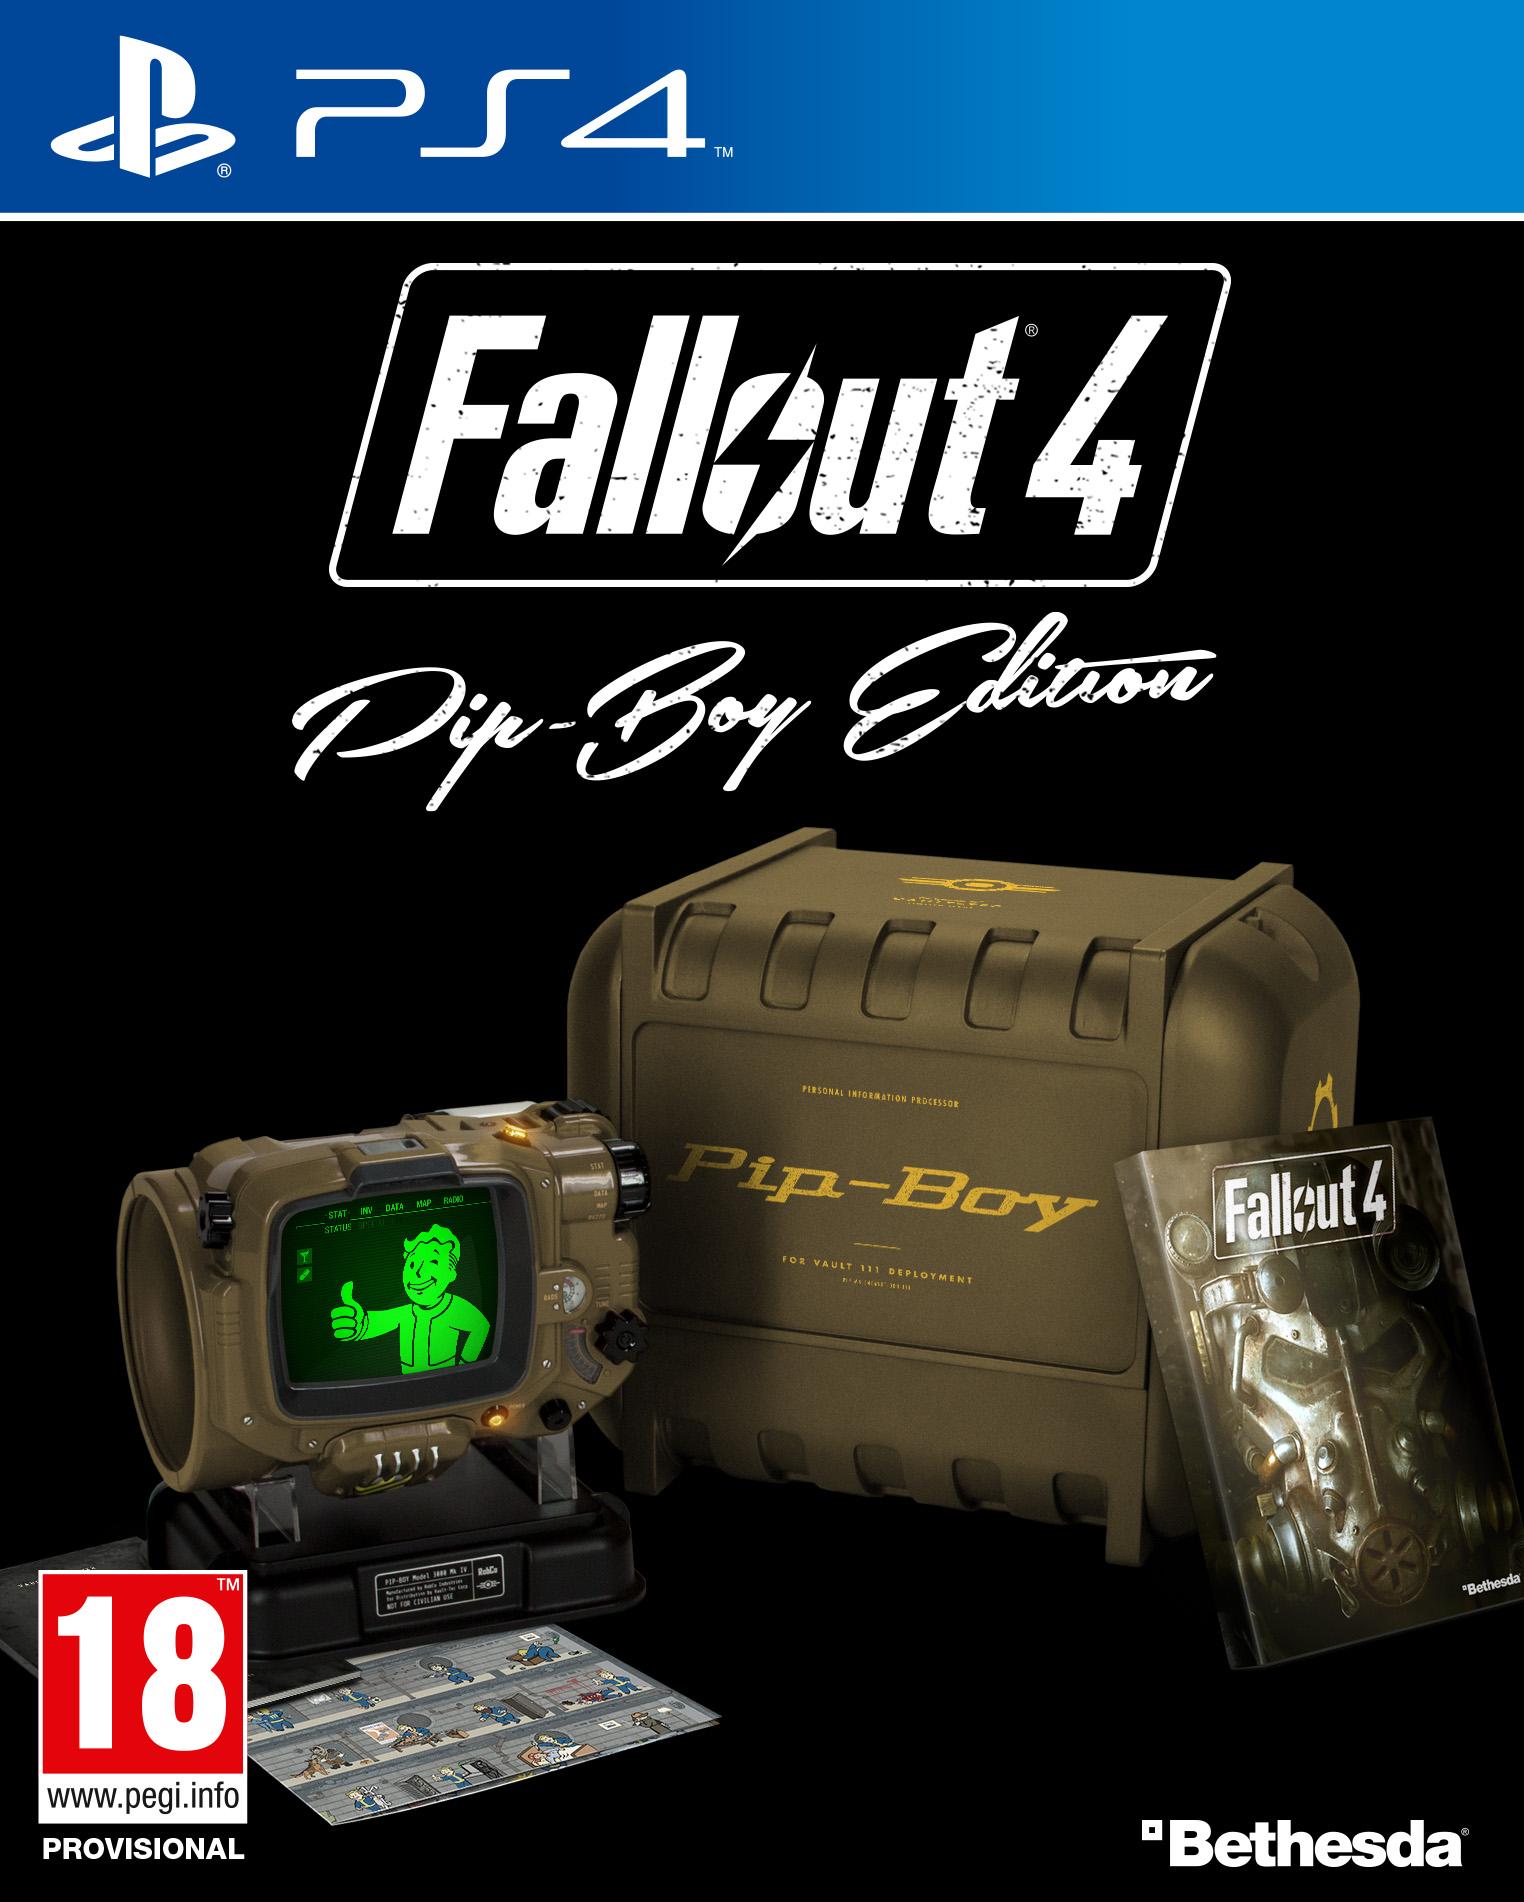 Detaily o sběratelské edici Fallout 4 110128